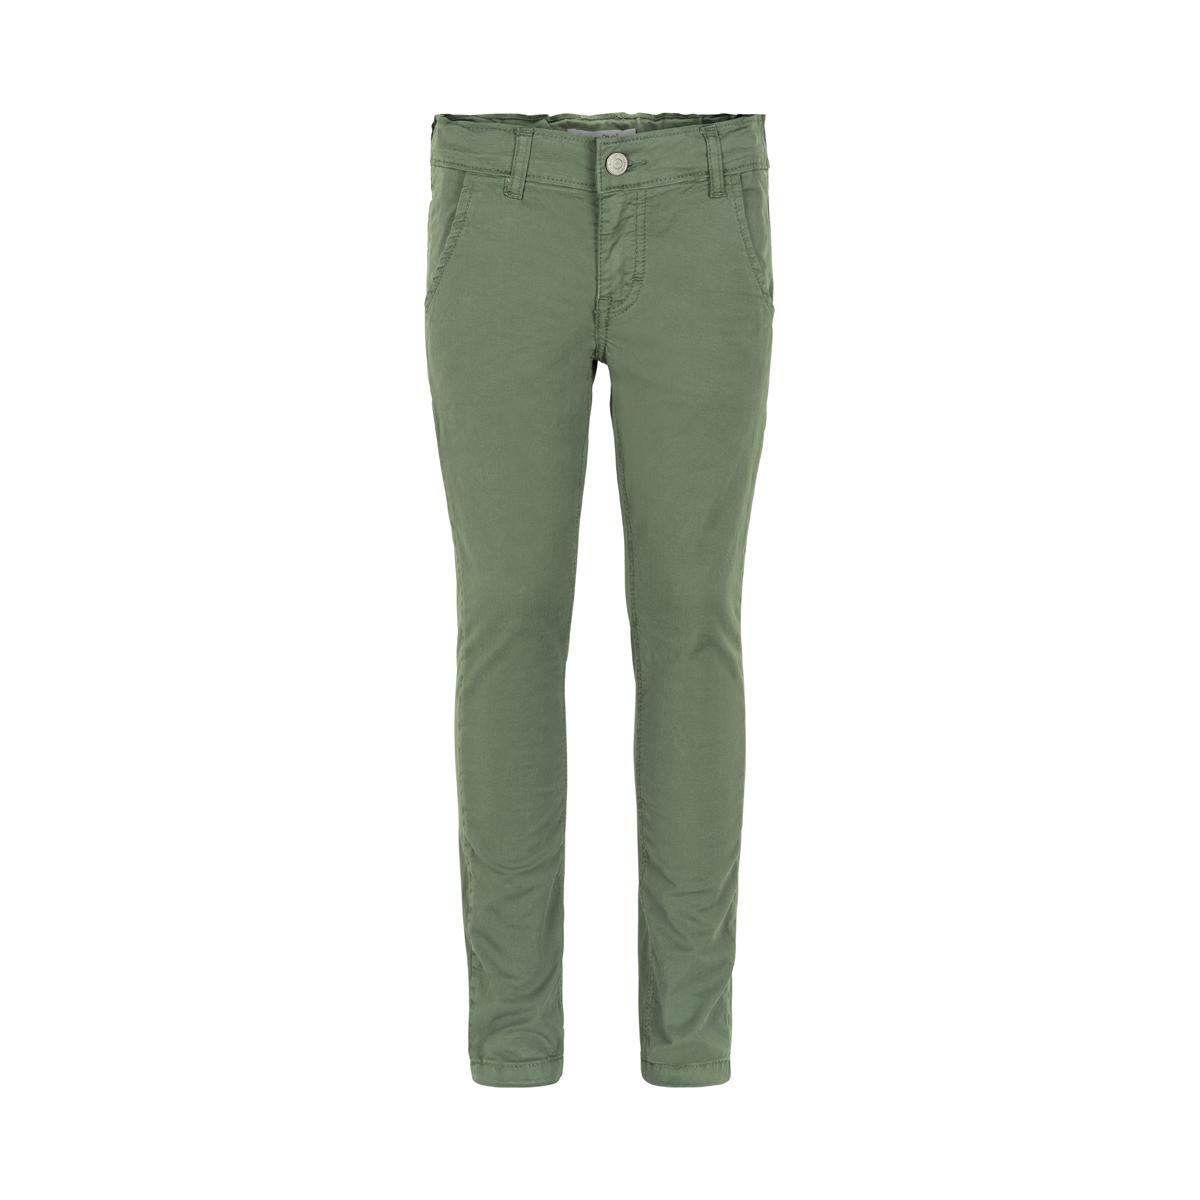 MinyMo twill bukse til barn, grønn DressMyKid AS